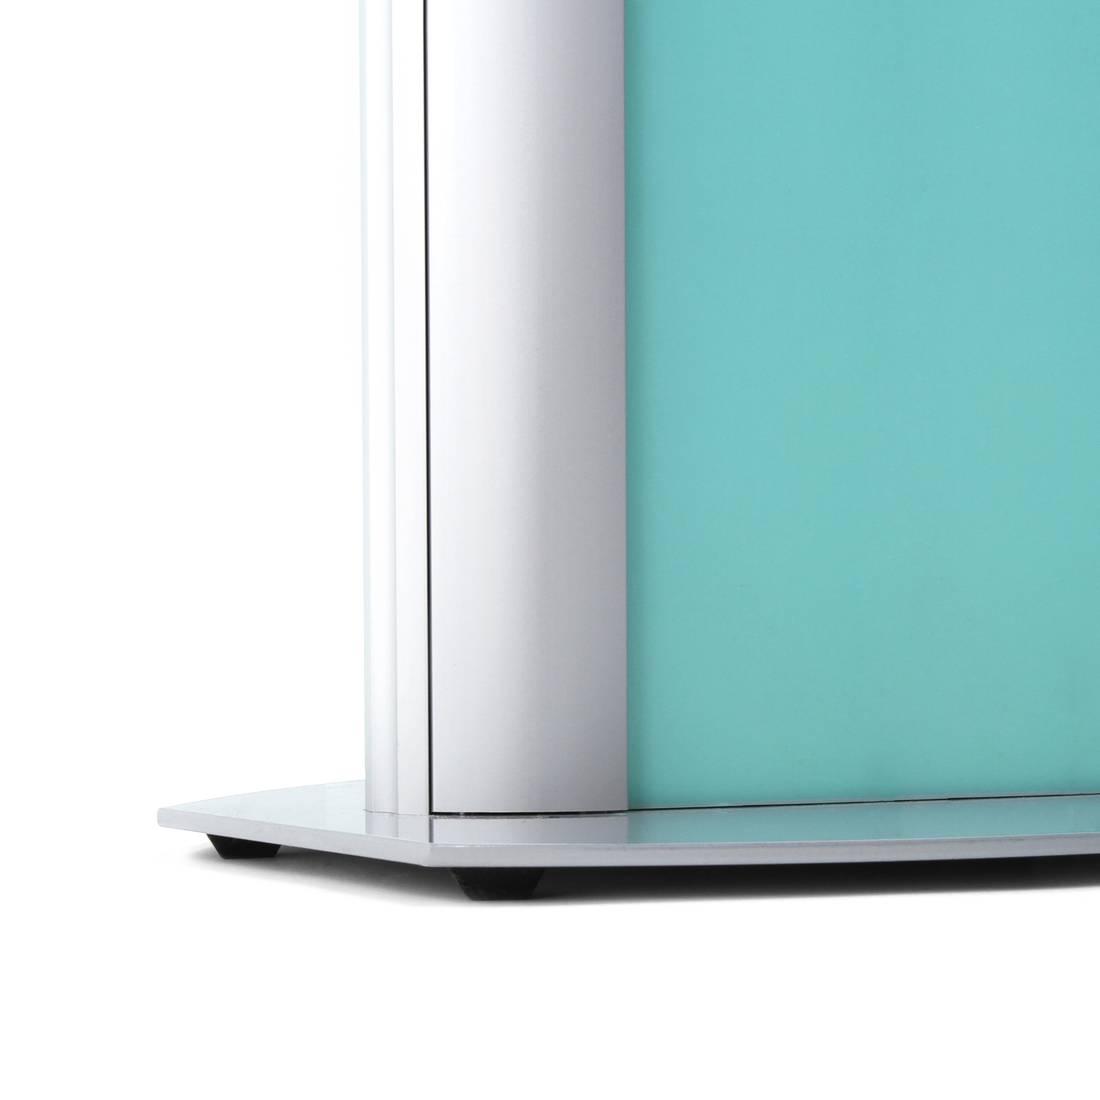 Podświetlany dwustronny totem reklamowy (format 70 x 200 cm)